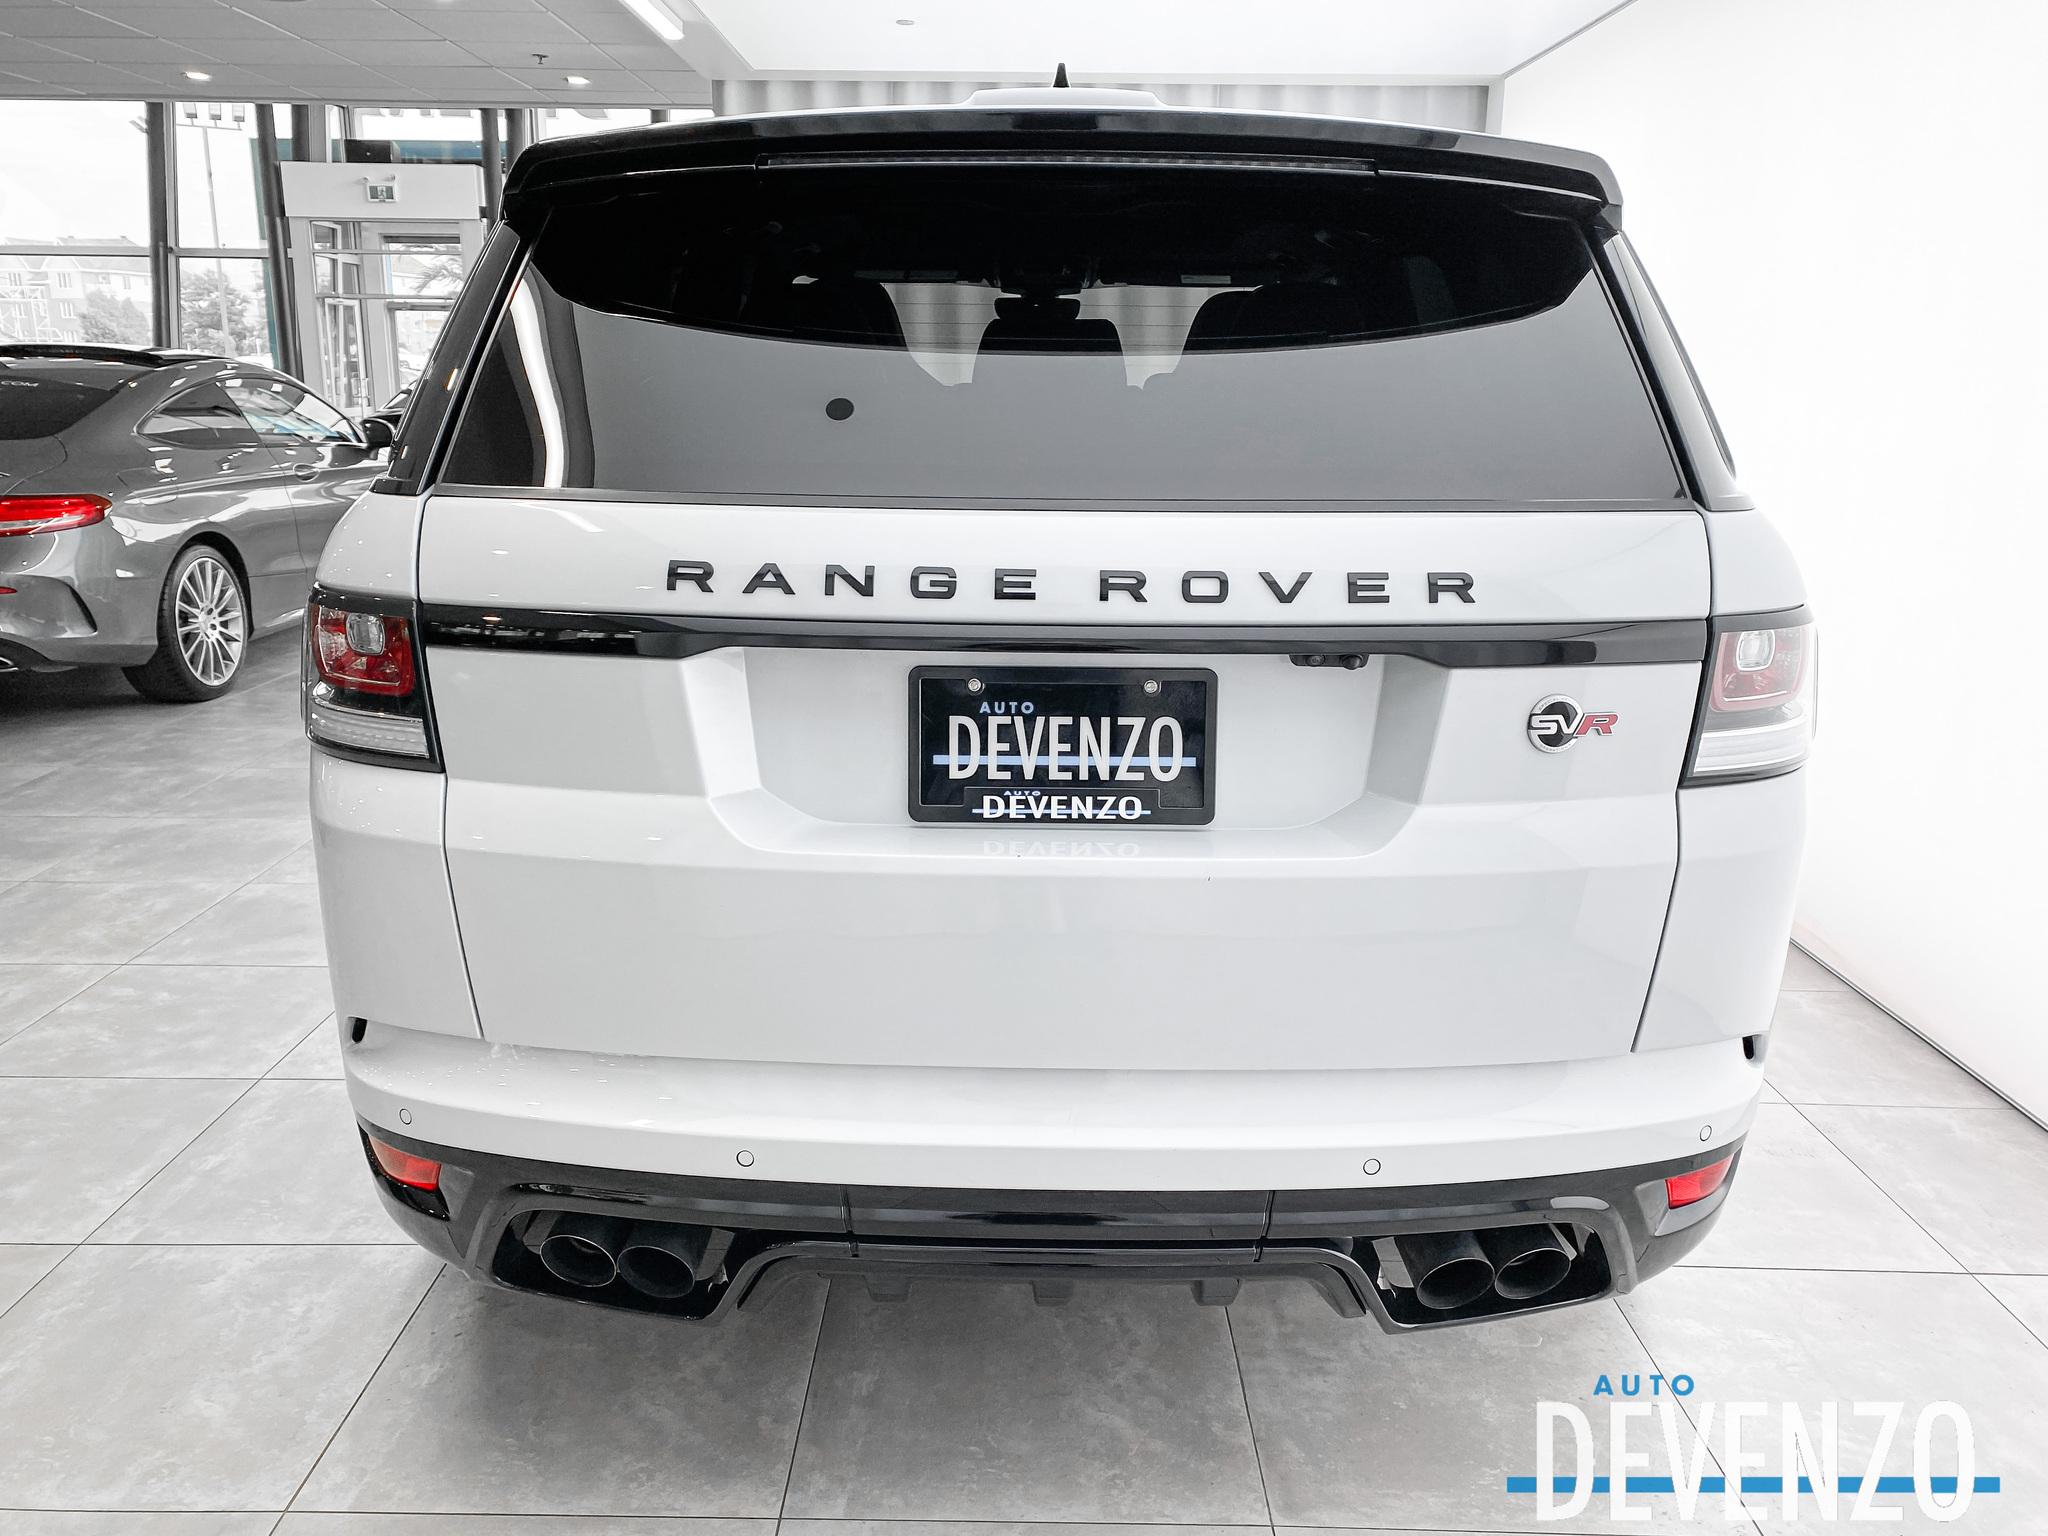 2017 Land Rover Range Rover Sport V8 Supercharged SVR 550HP complet